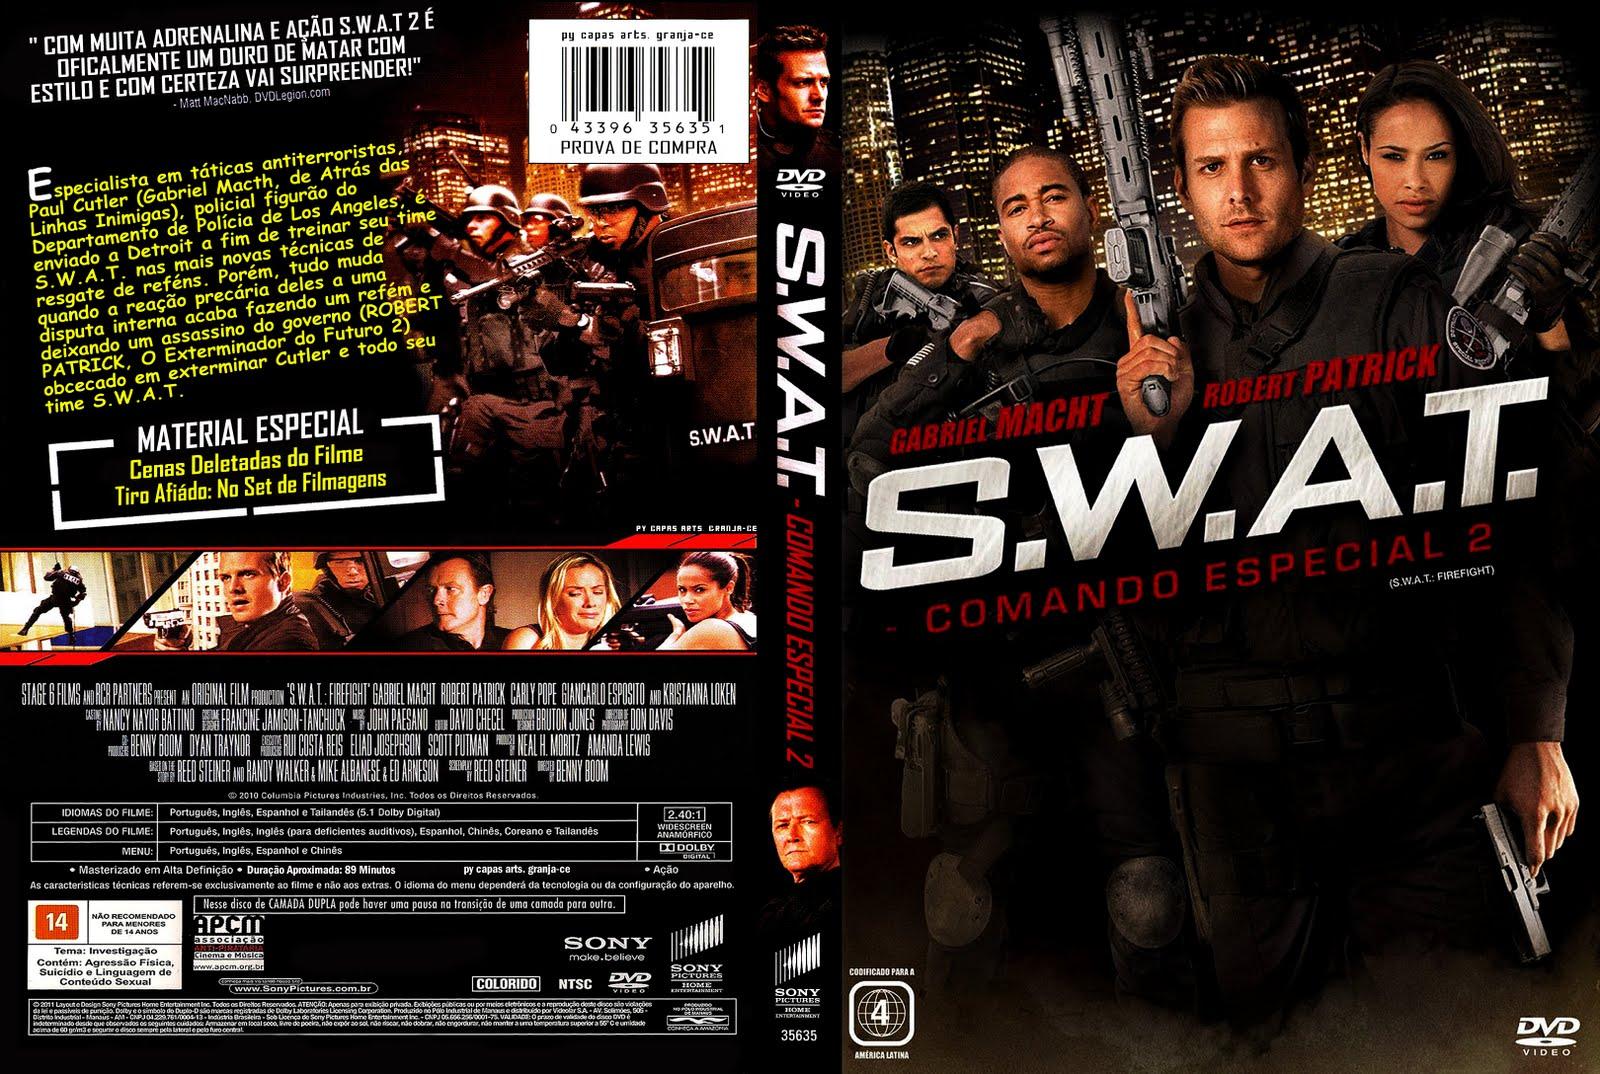 baixar filme swat comando especial 2 dublado avi torrent